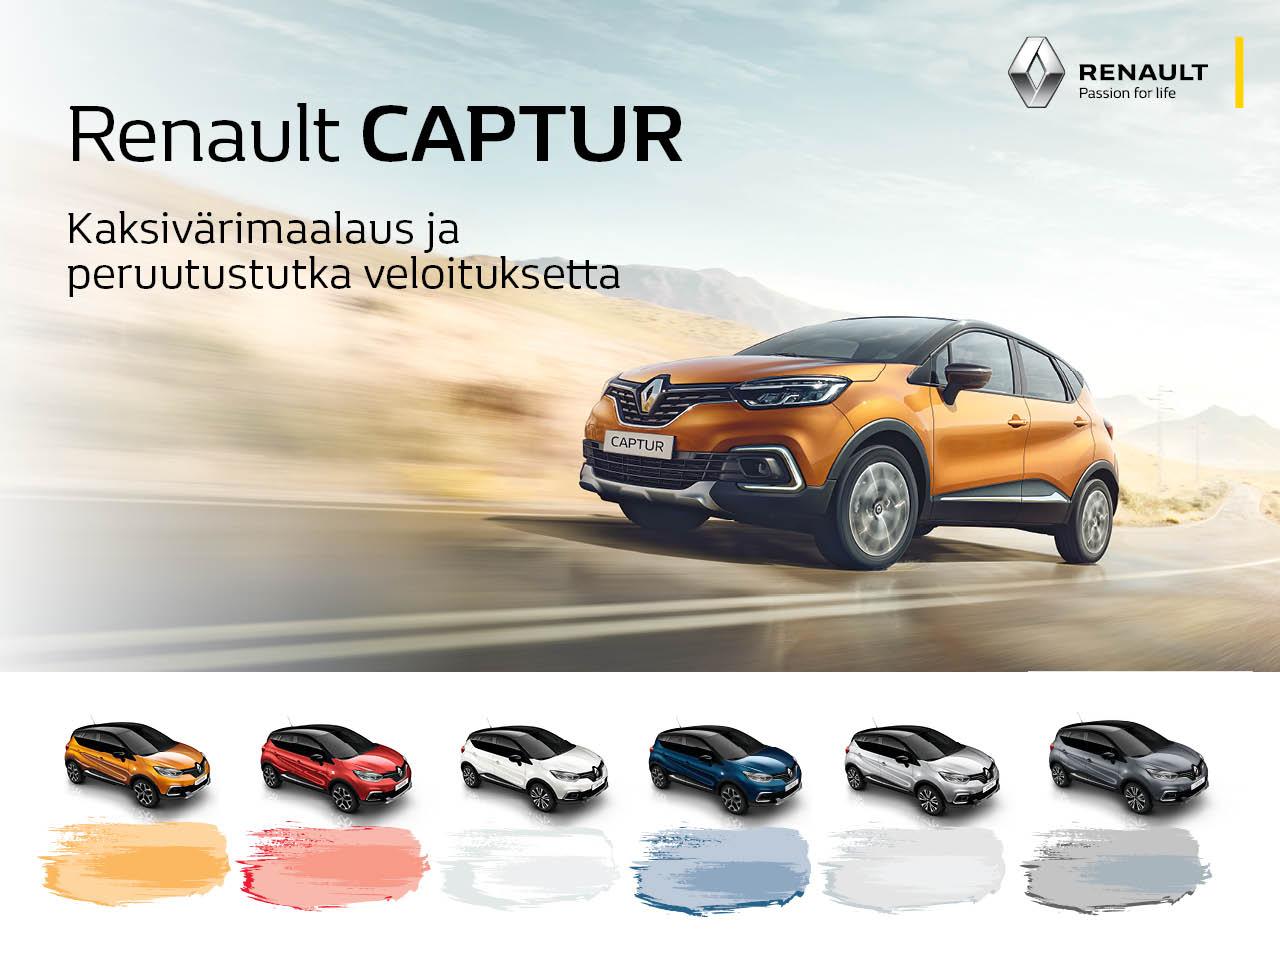 Kaksivärimaalaus ja peruutustutka veloituksetta Renault Capturiin